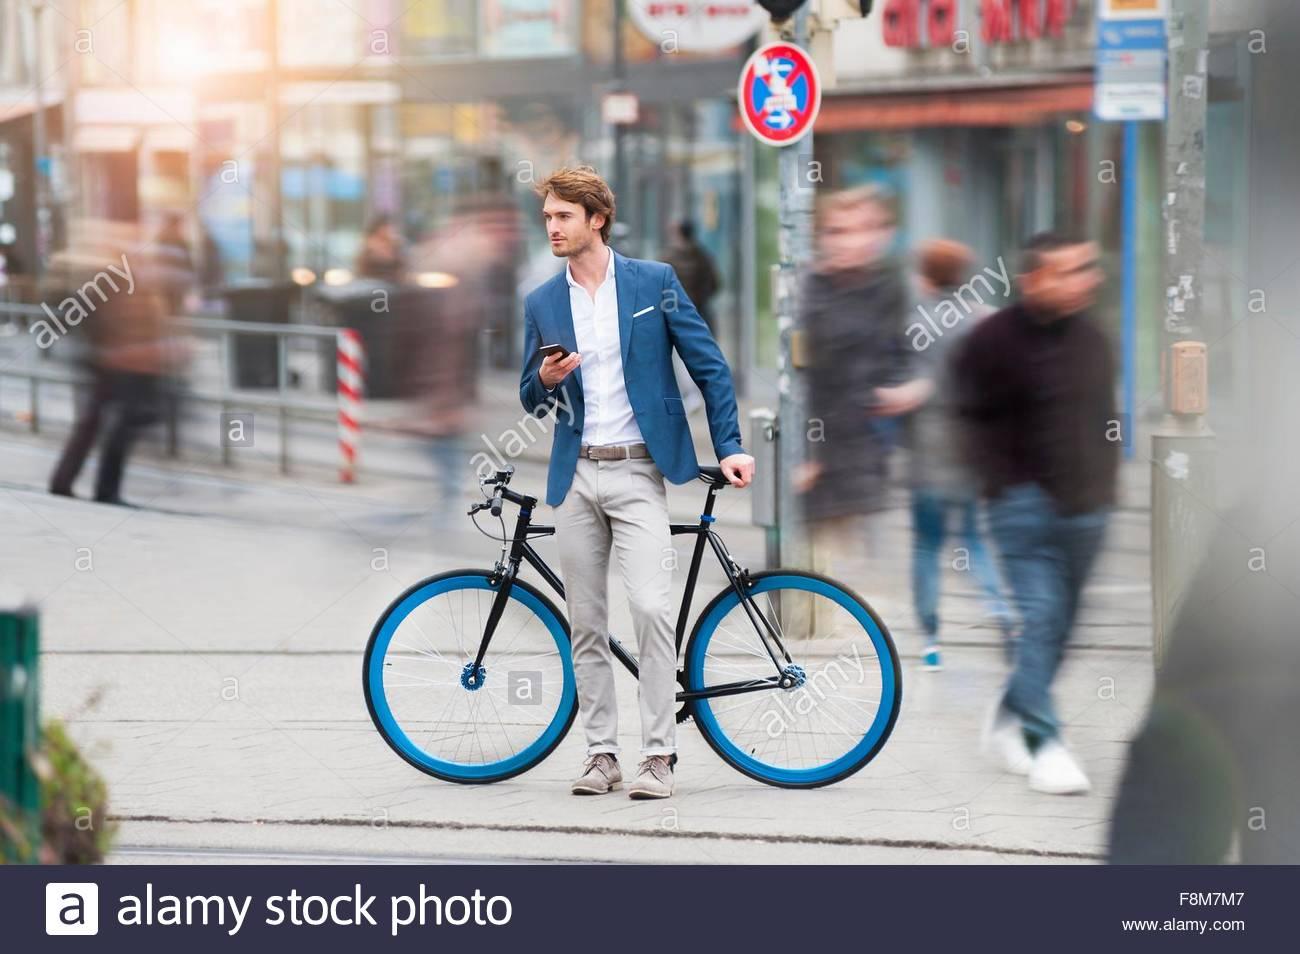 Differenzielle Fokus der junge Mann mit Fahrrad in belebten Straße halten Handy wegschauen Stockbild